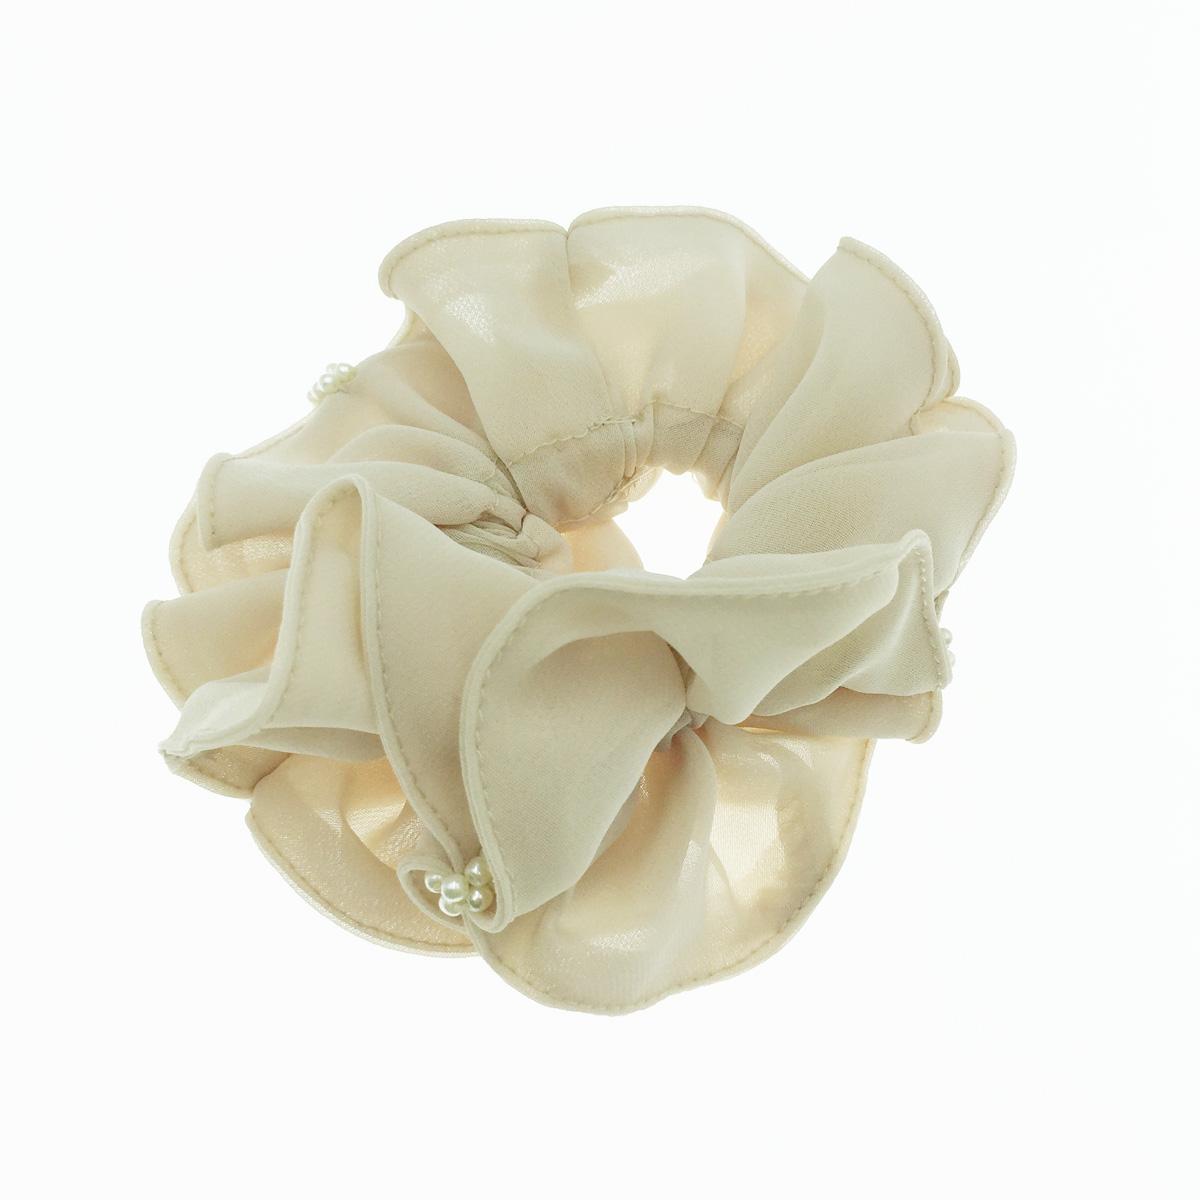 韓國 紗 珍珠 素色 百搭 甜美氣質 髮飾 髮圈 大腸圈